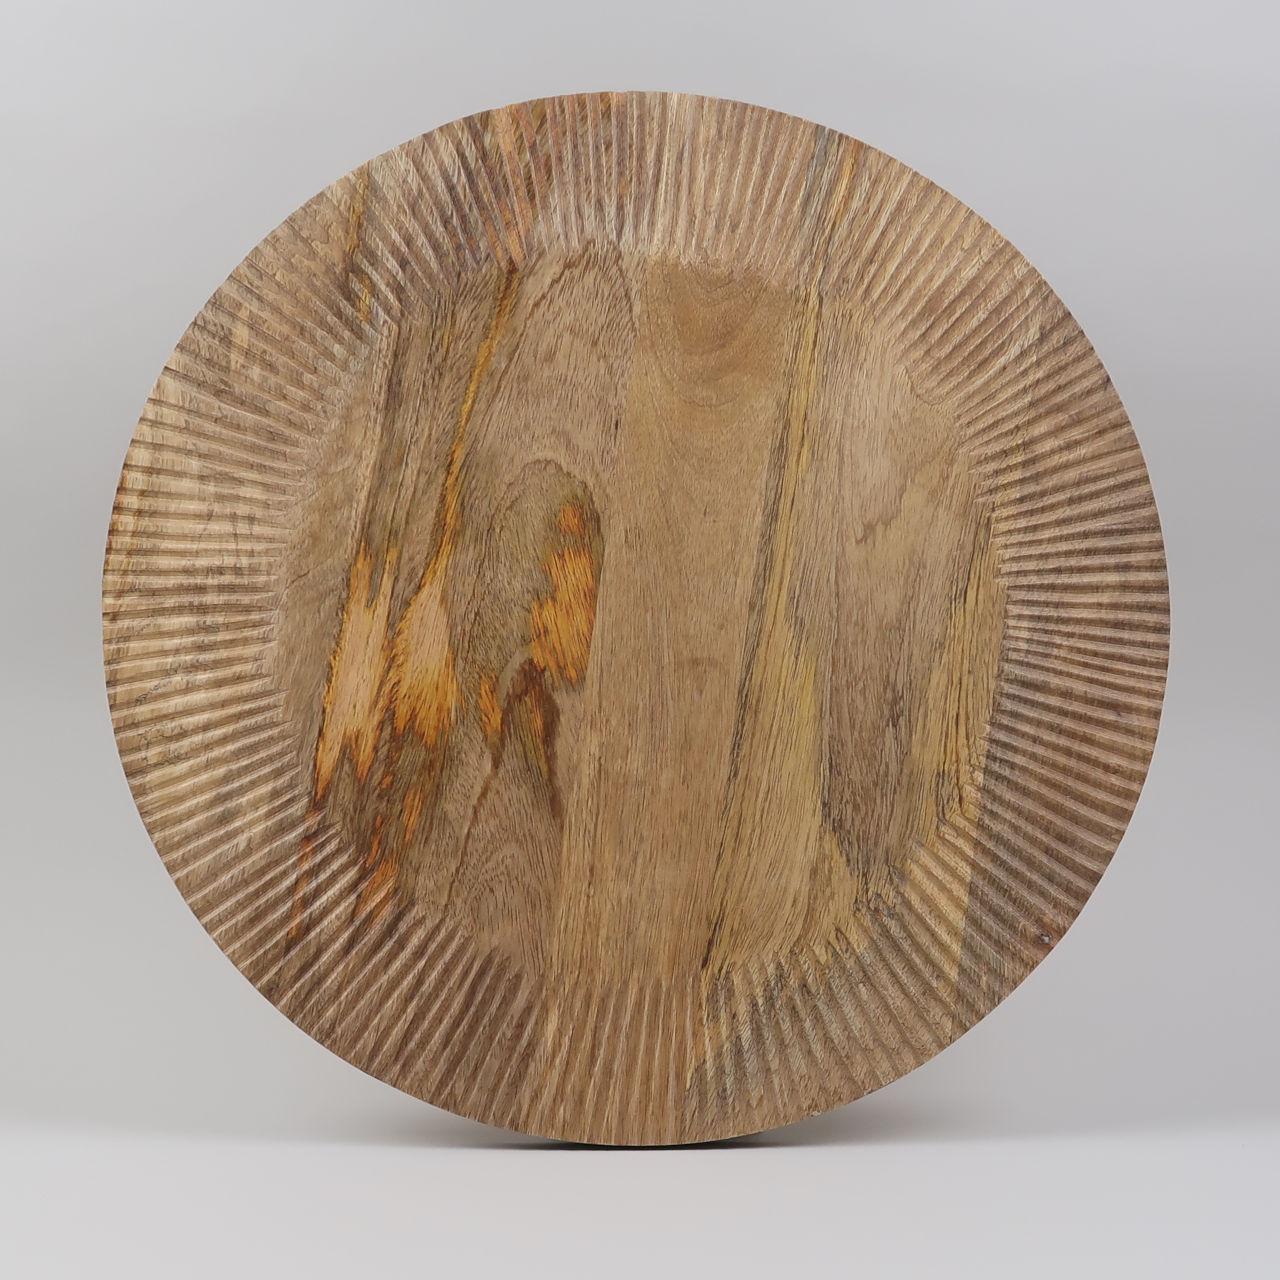 Soria Chopping Board - Large